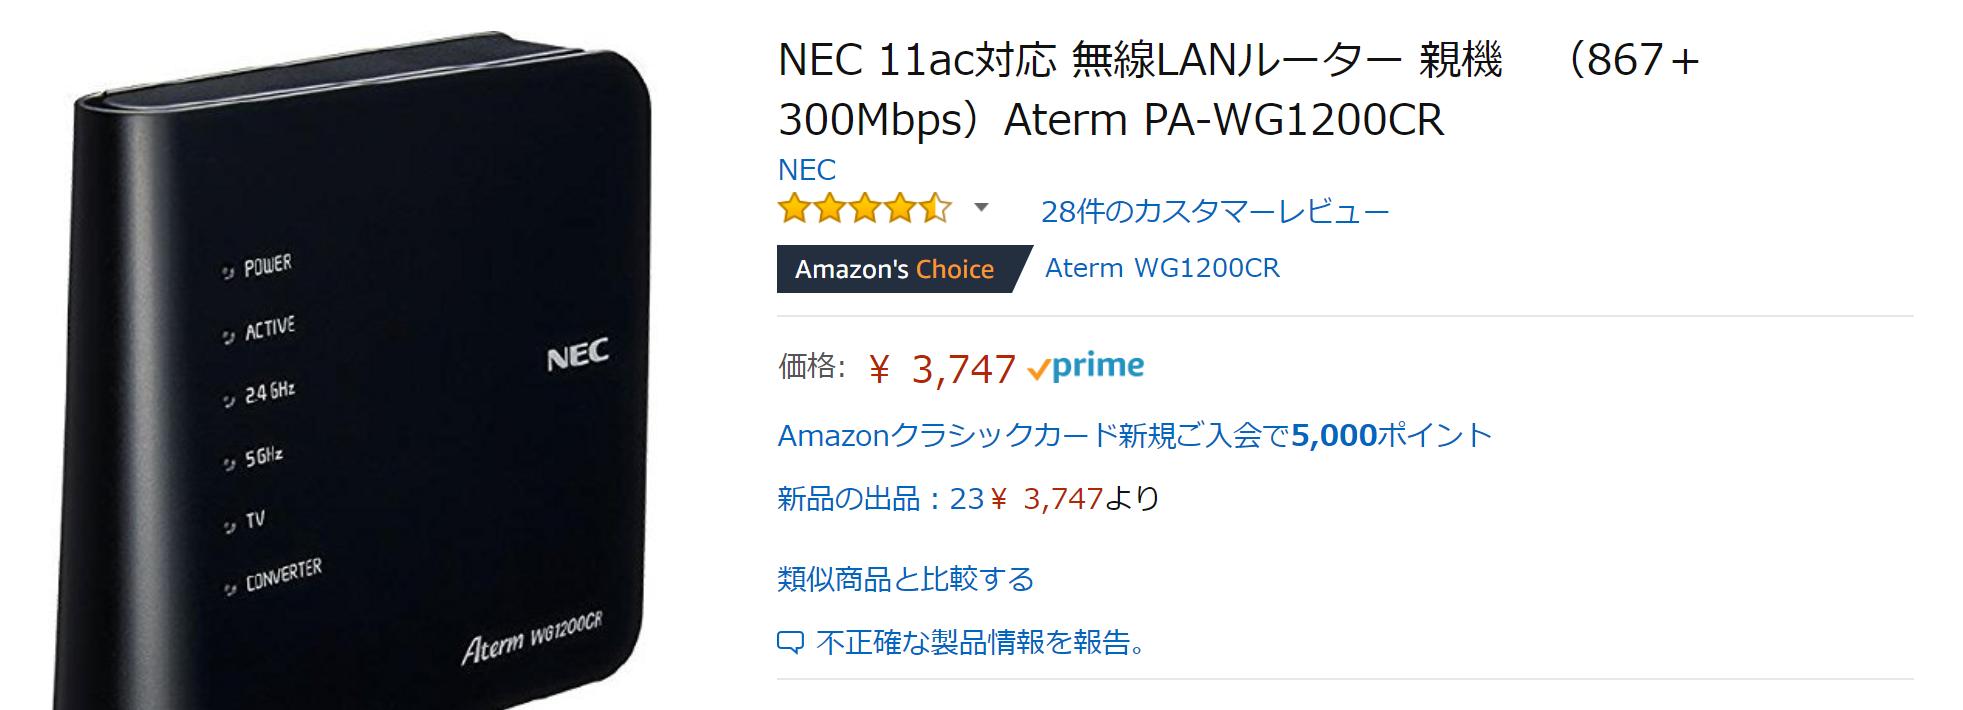 Amazonでのアウンカンパニー特典ルーターの評判